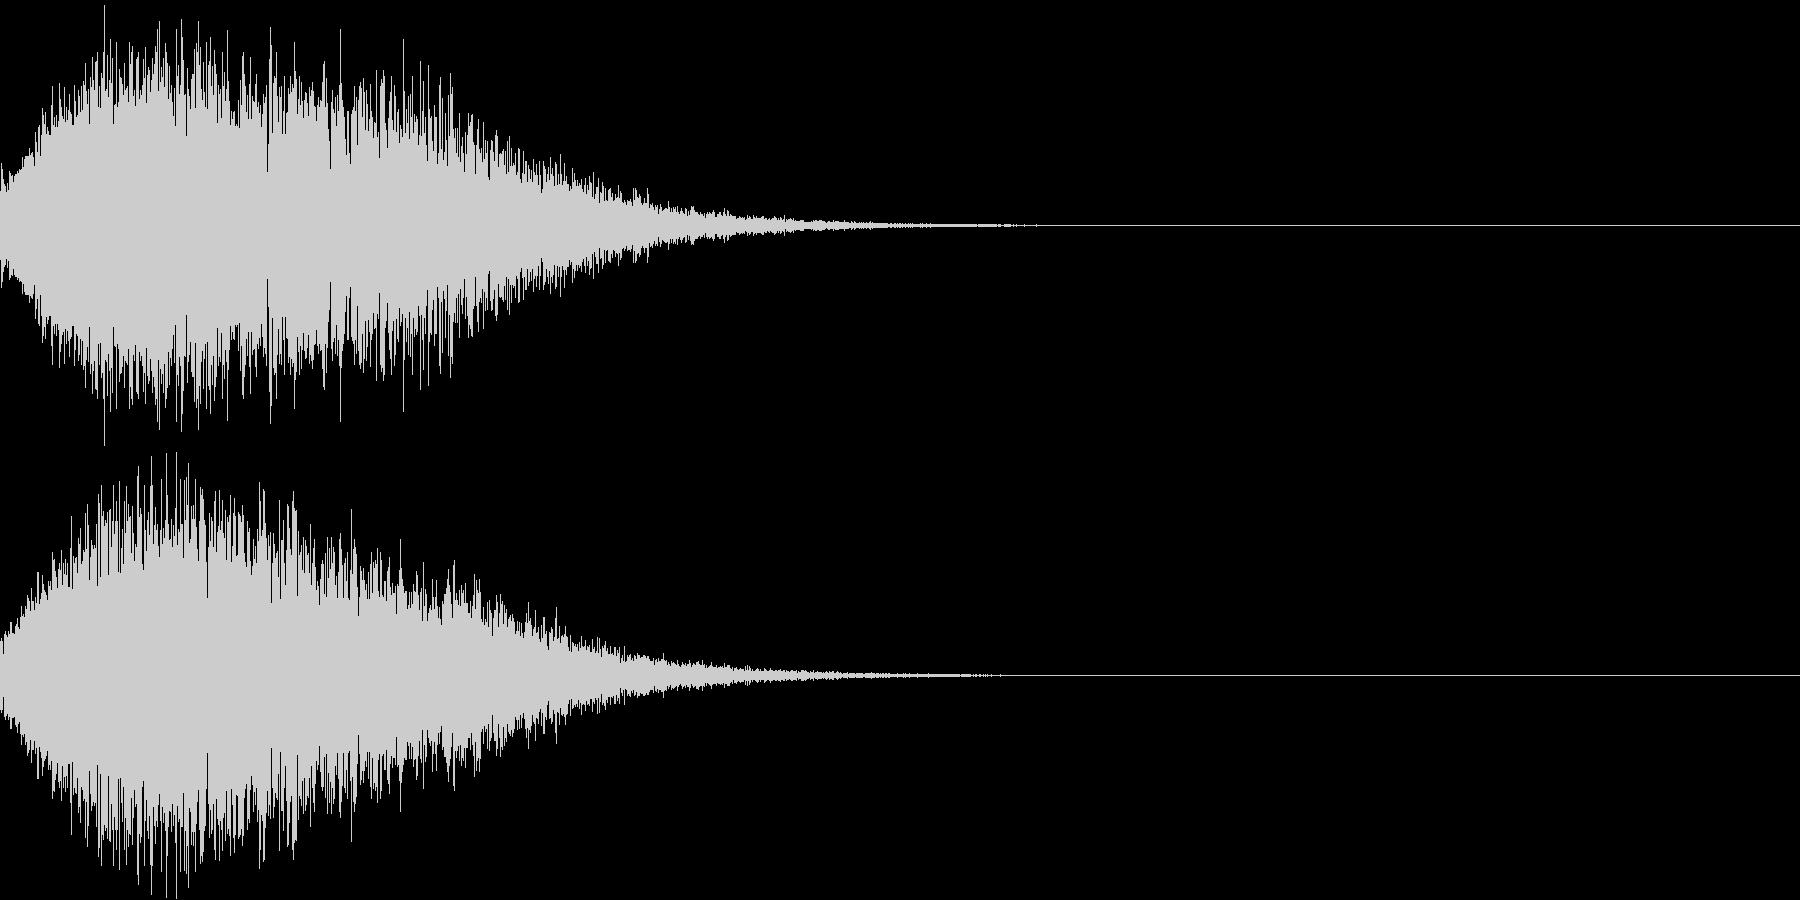 キュイン キーン シャキーン 光る 07の未再生の波形